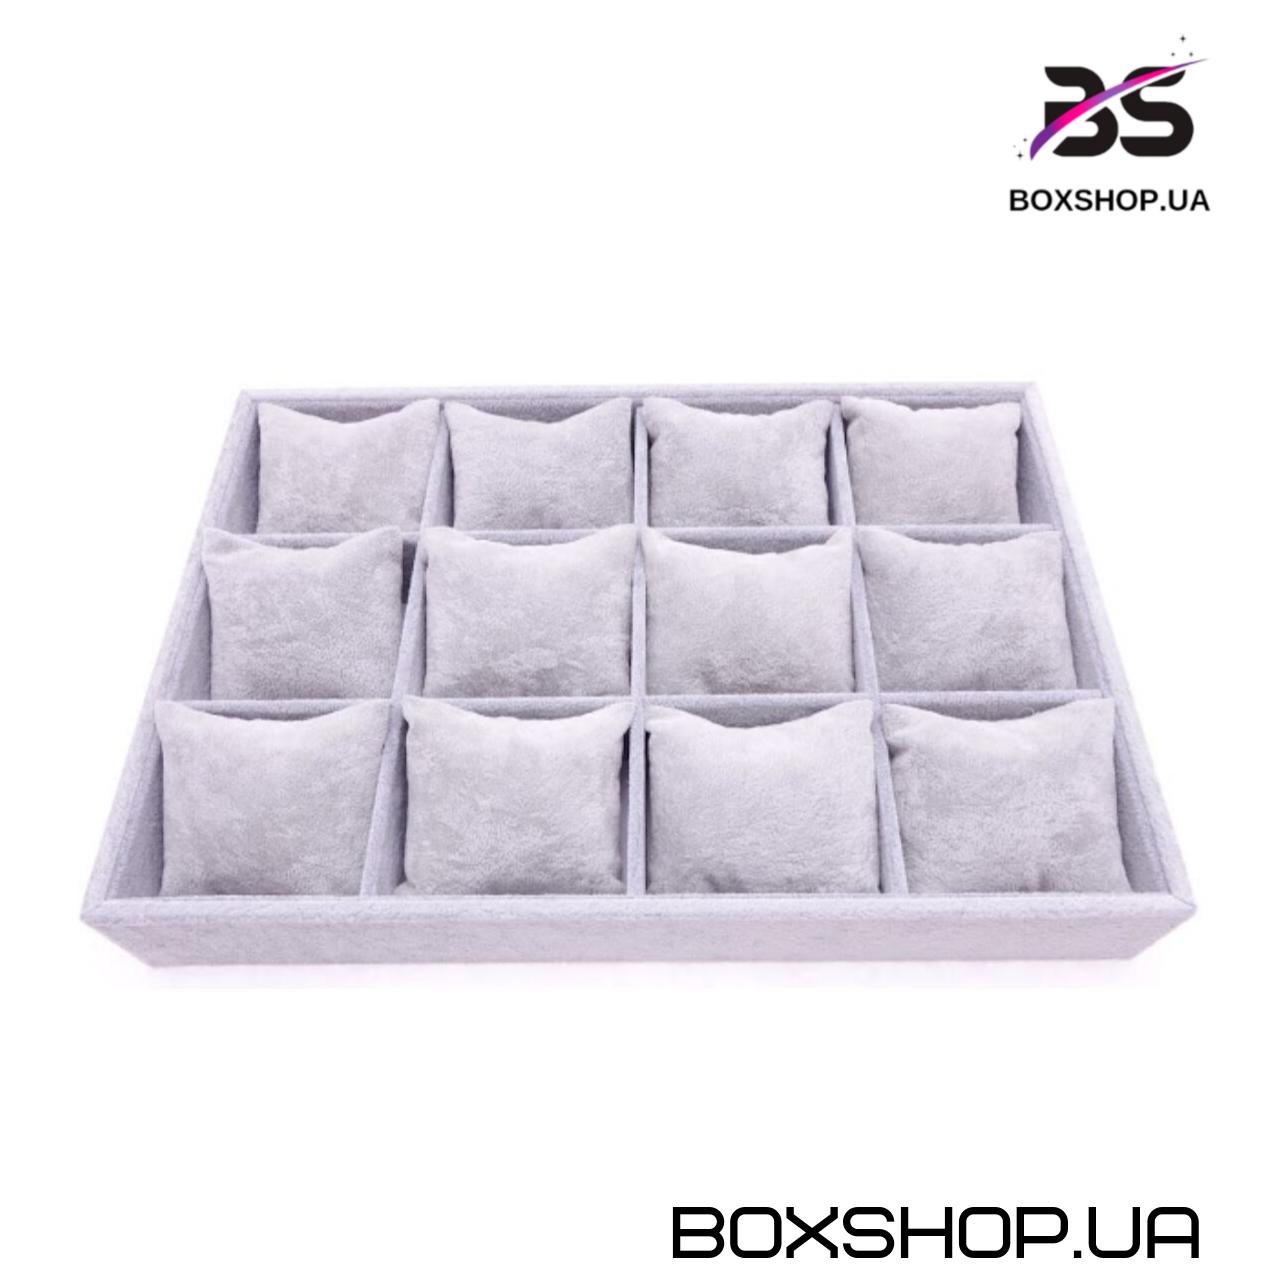 Ювелирный планшет BOXSHOP - 1022807305